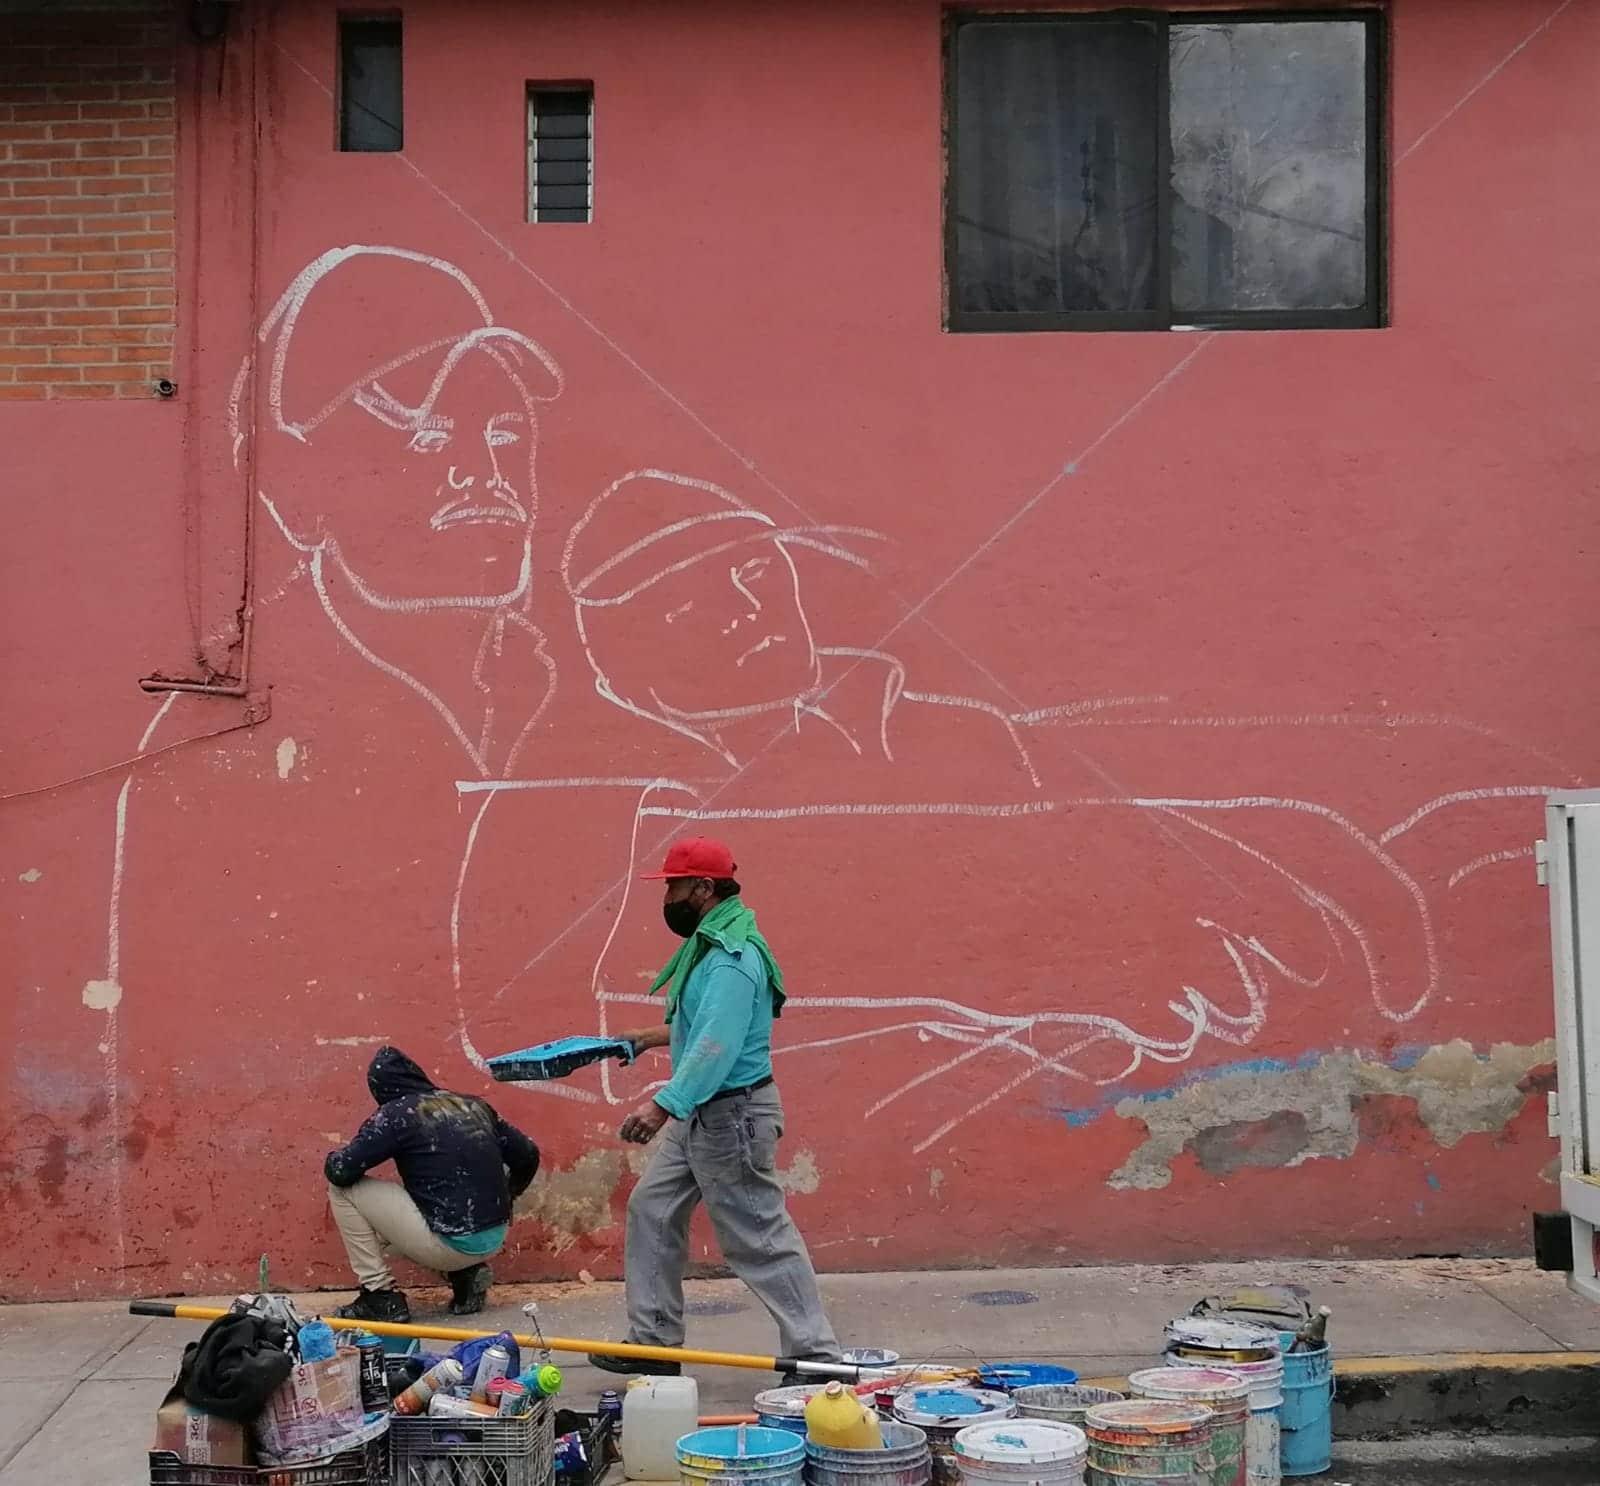 Historias de habitantes de Iztapalapa inspiran a artista urbano y las plasma en murales.